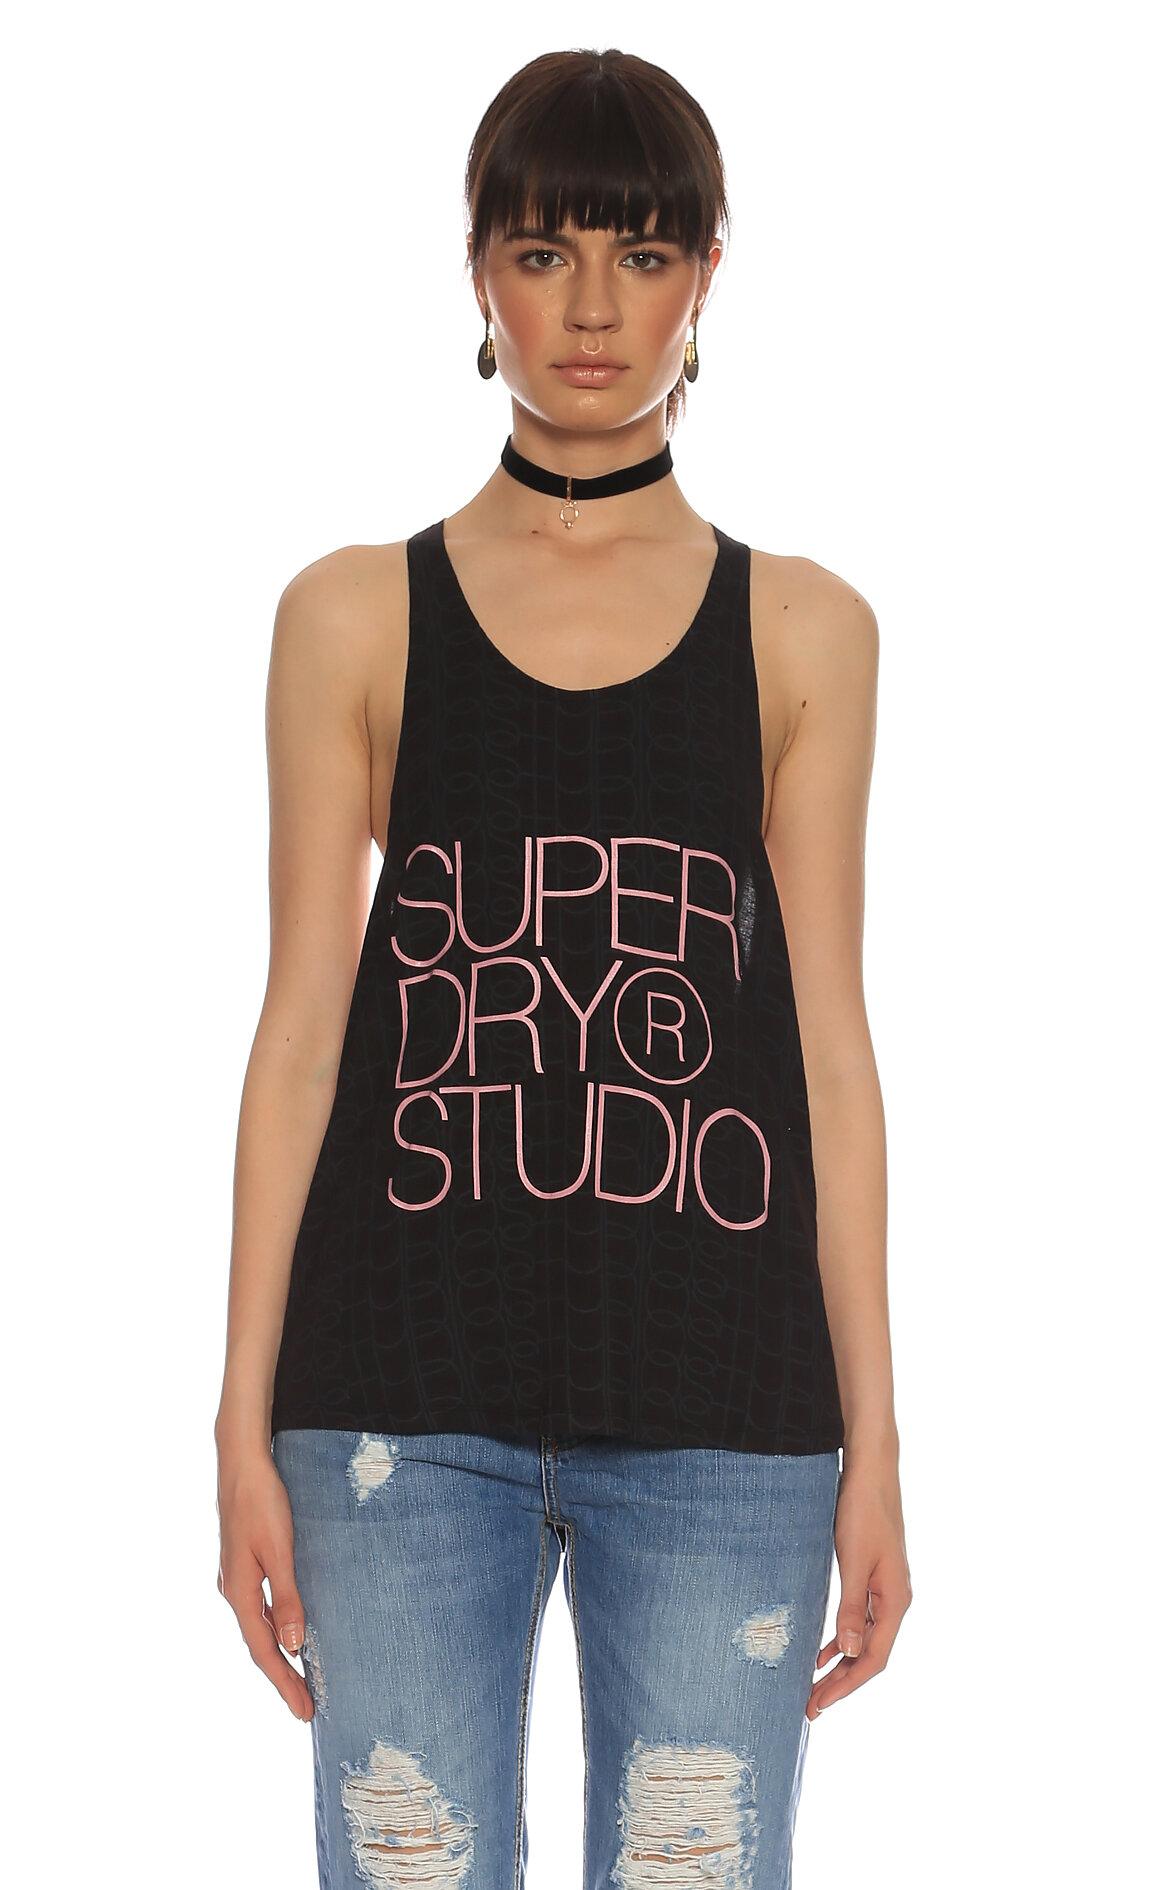 Superdry-superdry Atlet